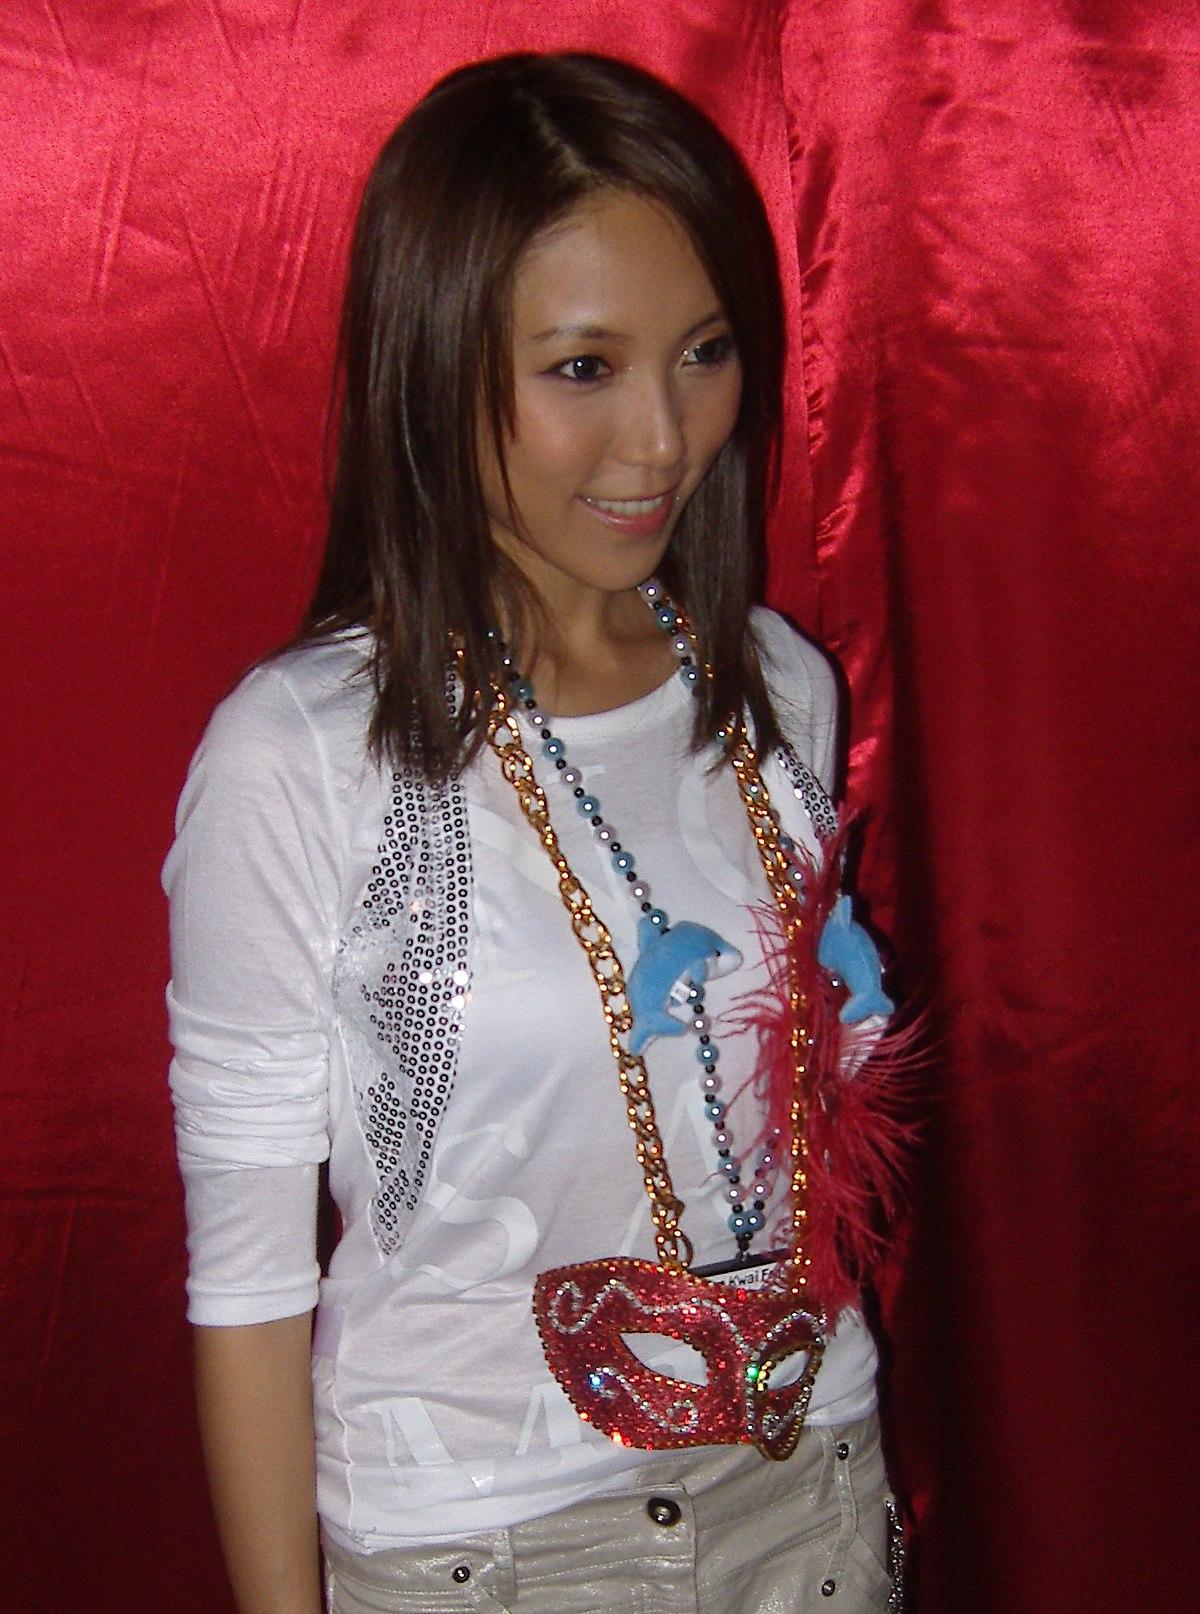 Chinese girl 4 hong kong - 4 7